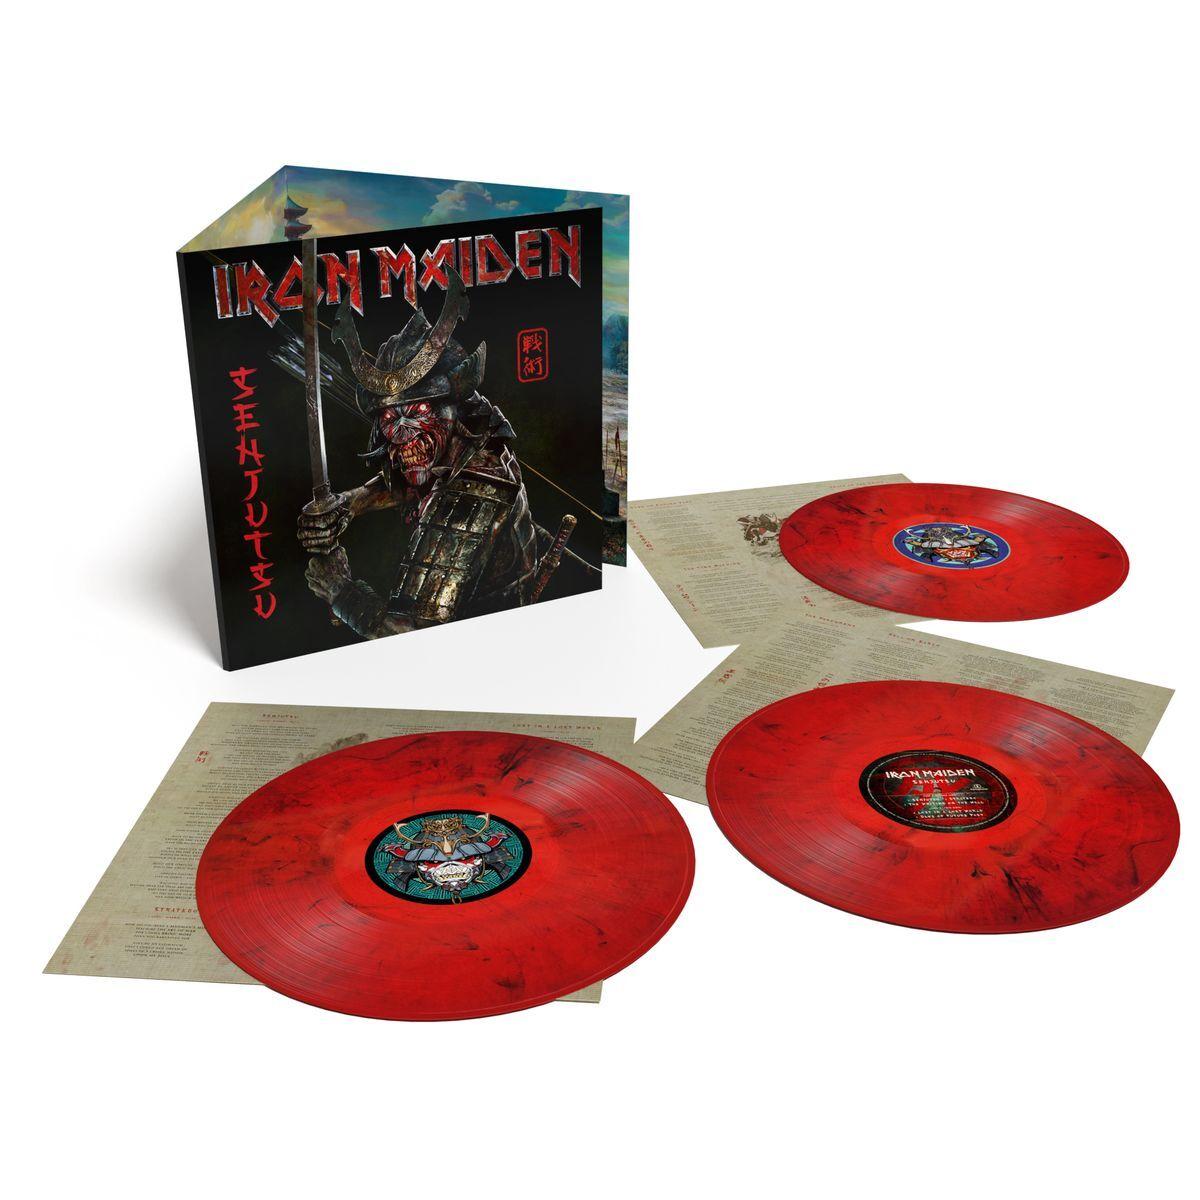 Виниловая пластинка IRON MAIDEN. SENJUTSU. Limited 180 Gram Red & Black. 03.09.2021, (3LP)